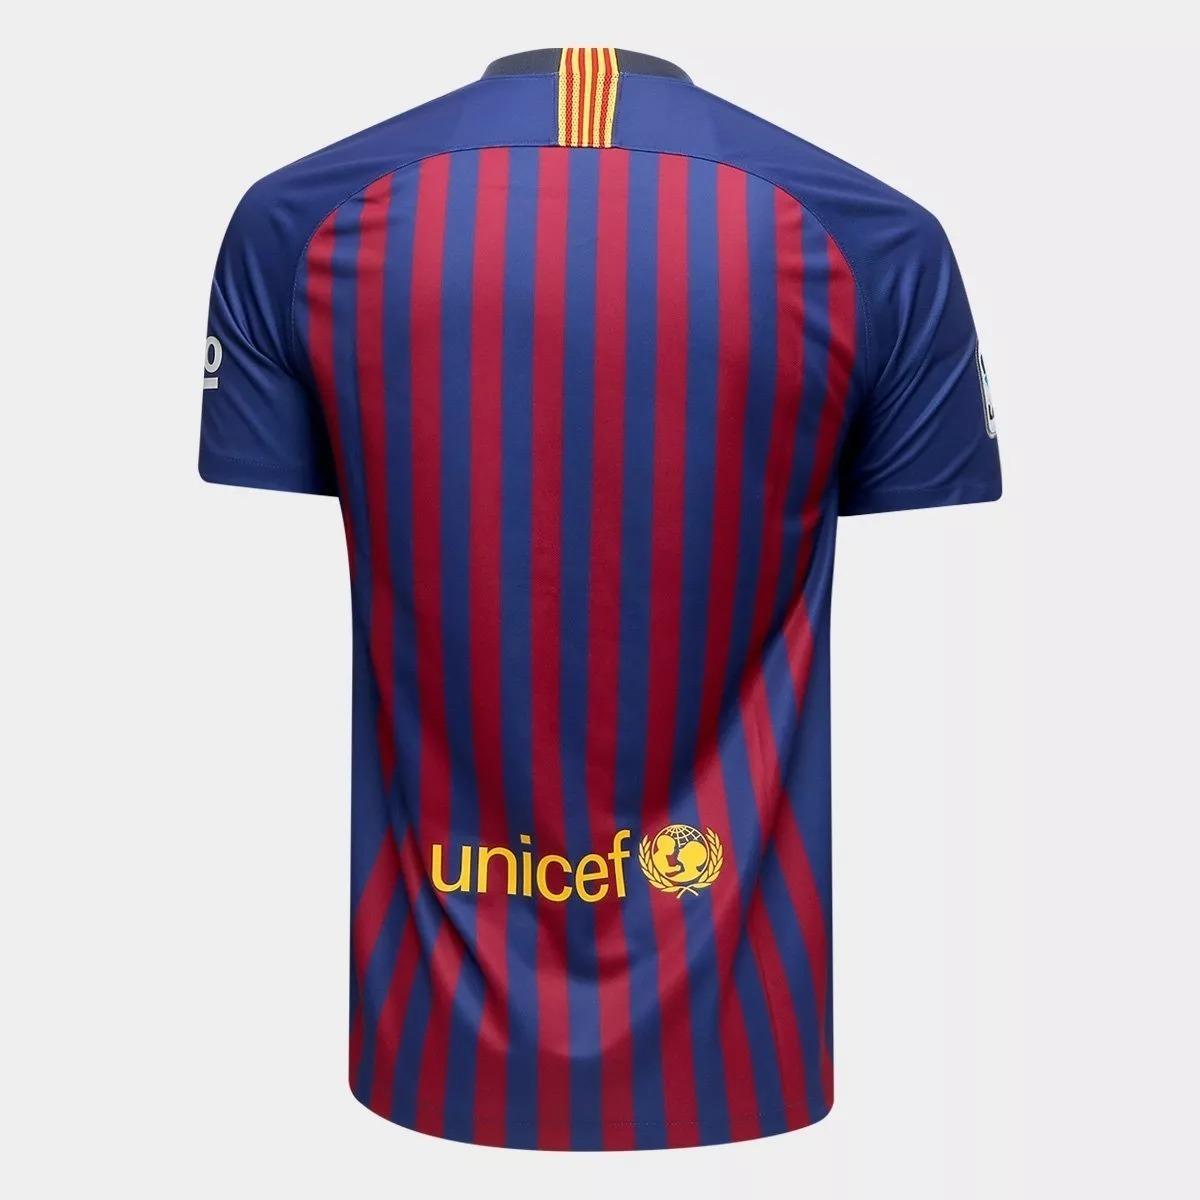 Camisa Do Barcelona Lançamento -s n2018 2019 - R  69 2a4bf0eac6393